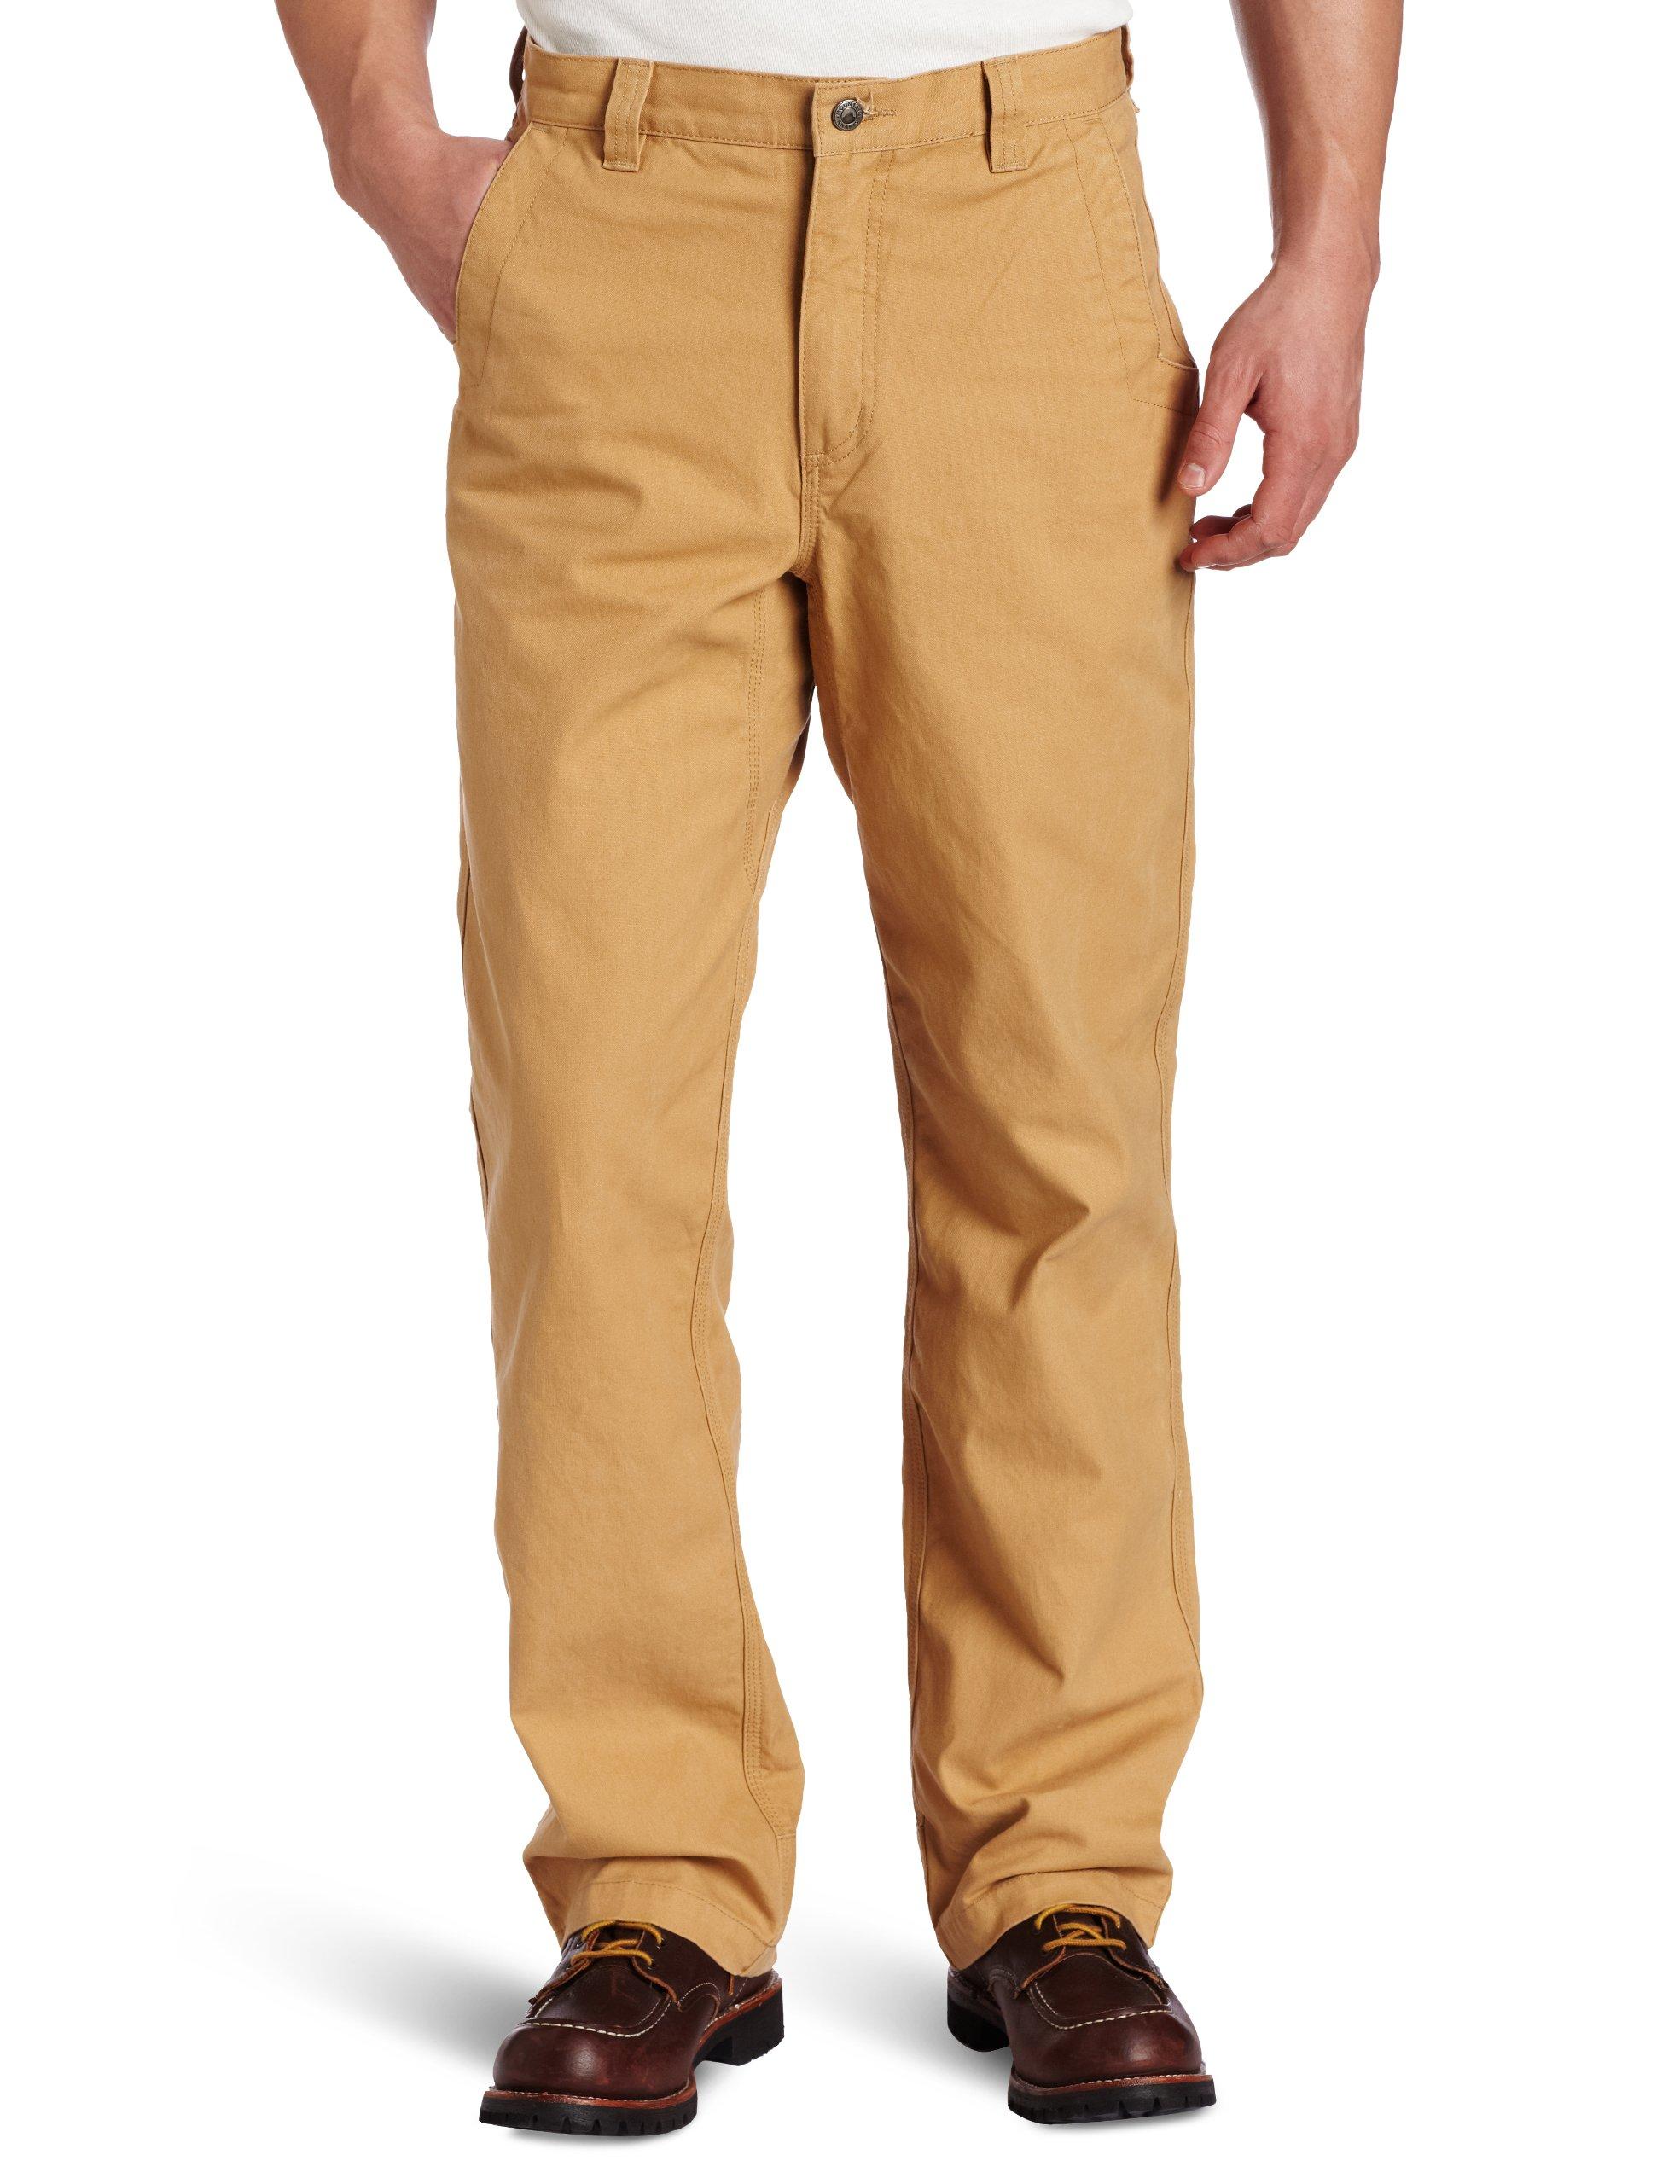 Mountain Khakis Men's Original Mountain Pant Relaxed Fit Yellowstone 30W 30L